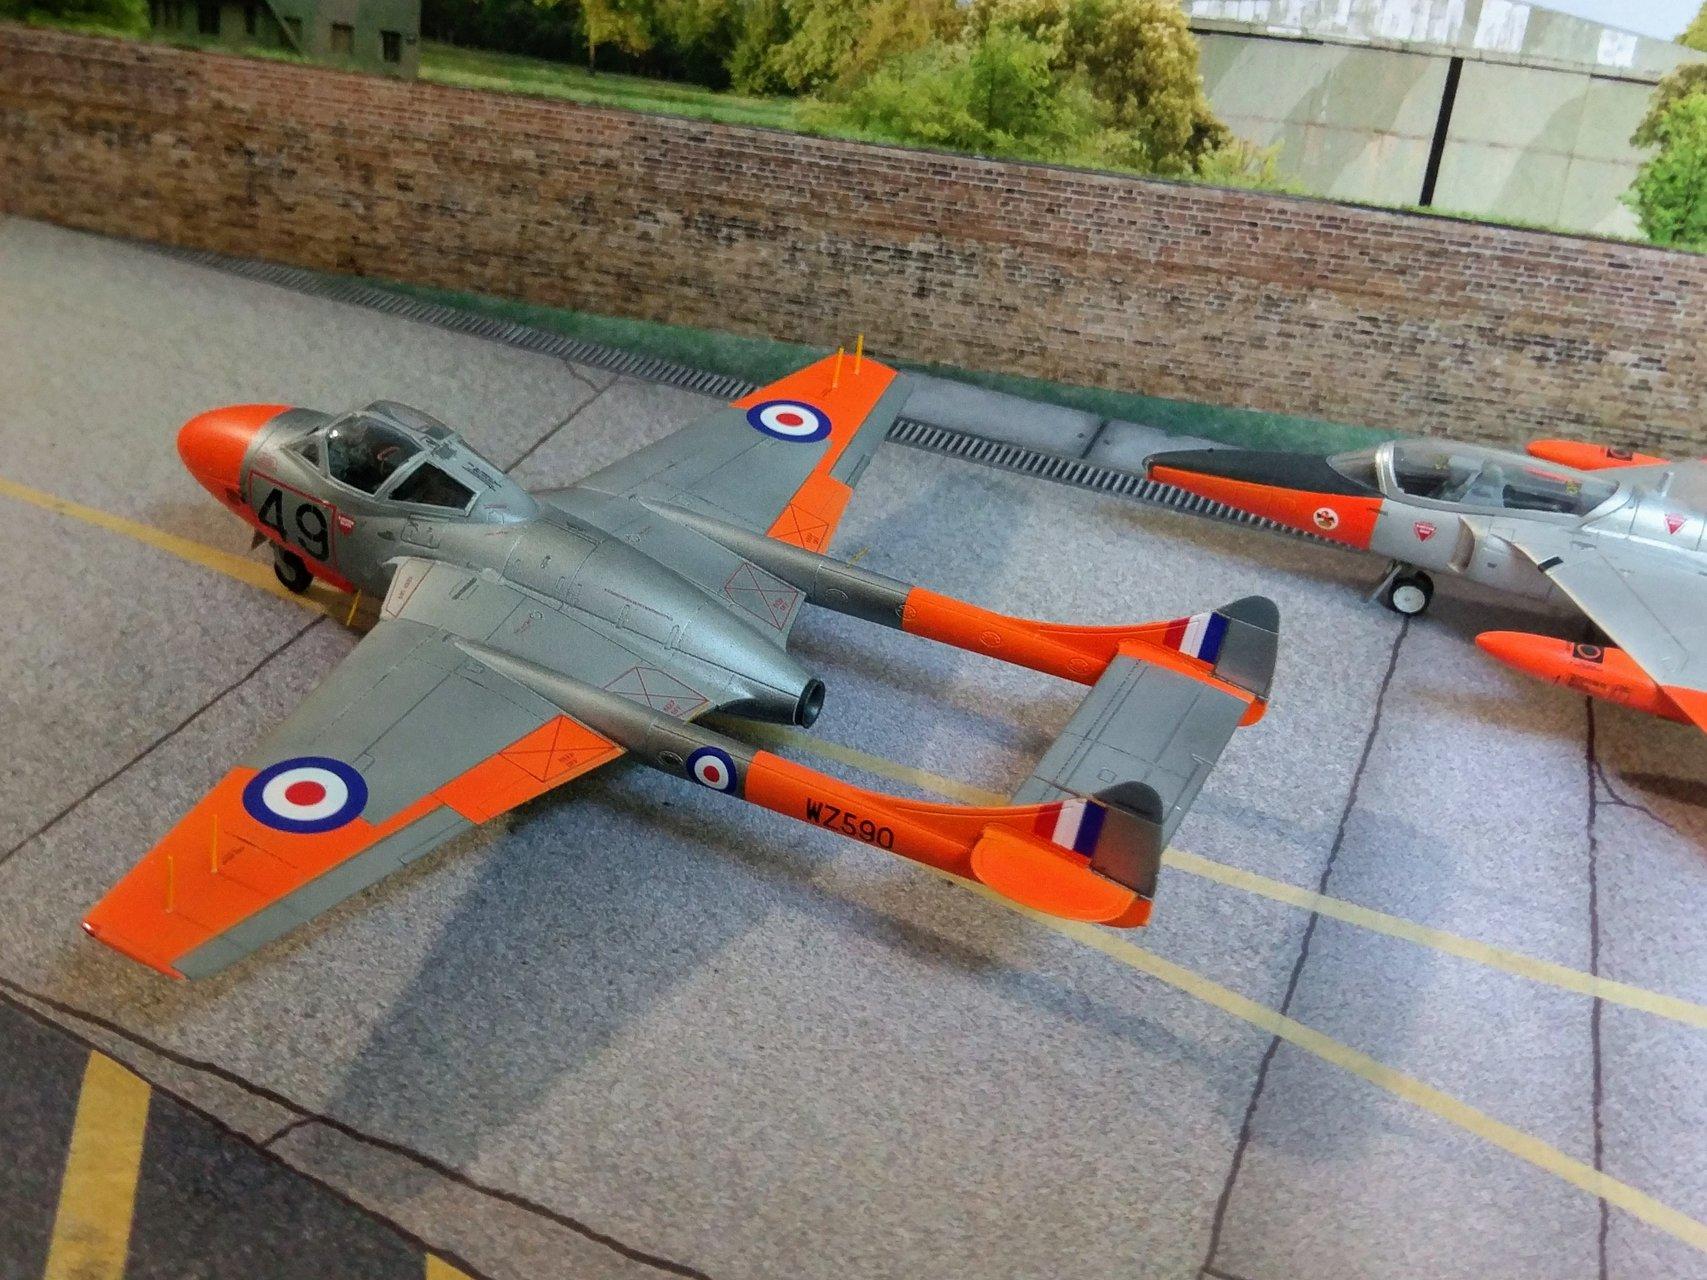 De Havilland Vampire t 11, 1/72, Airfix - Ready for Inspection